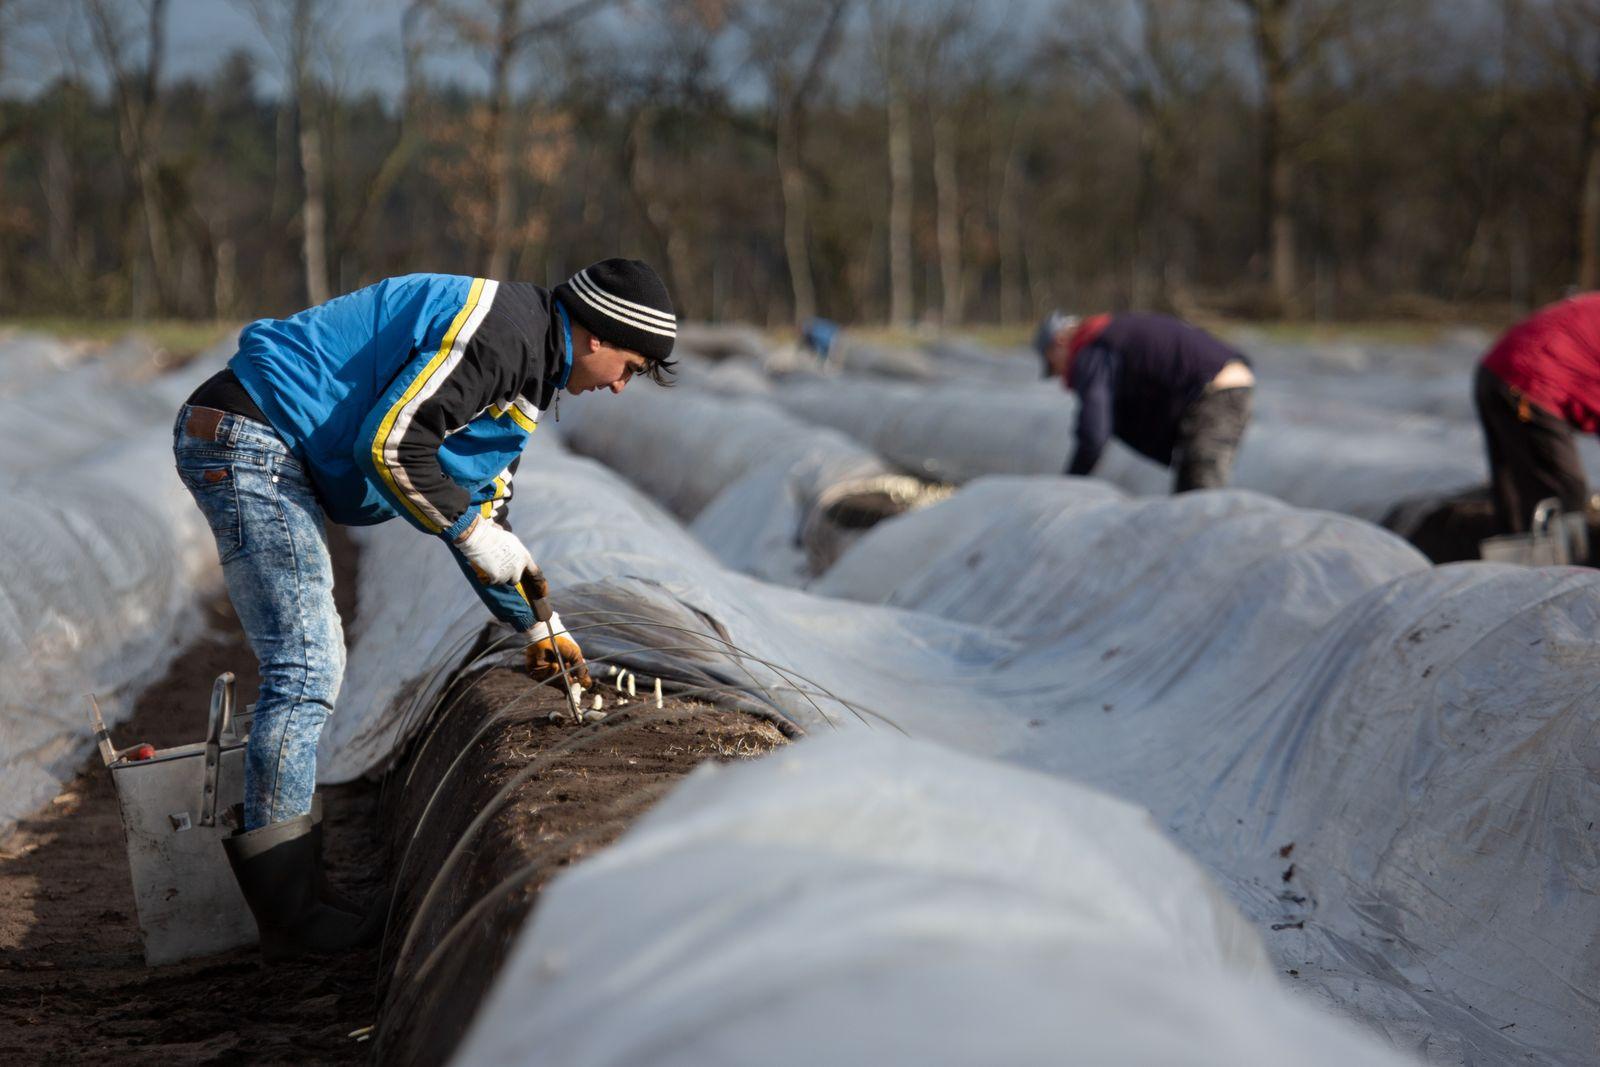 Beheizte Felder: Spargelsaison in Niedersachsen beginnt